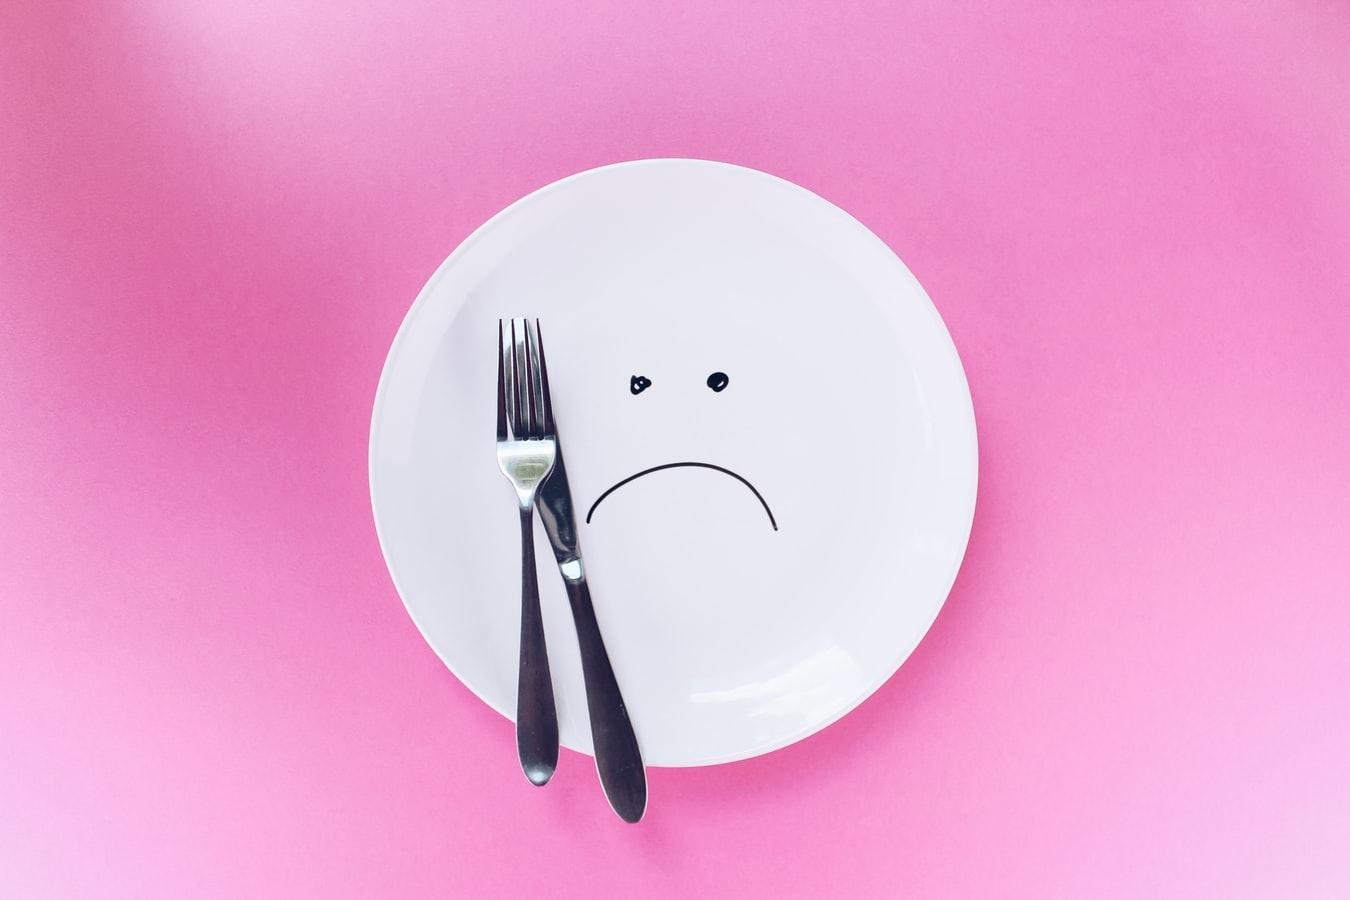 ダイエット中だけど食べたい…(涙)